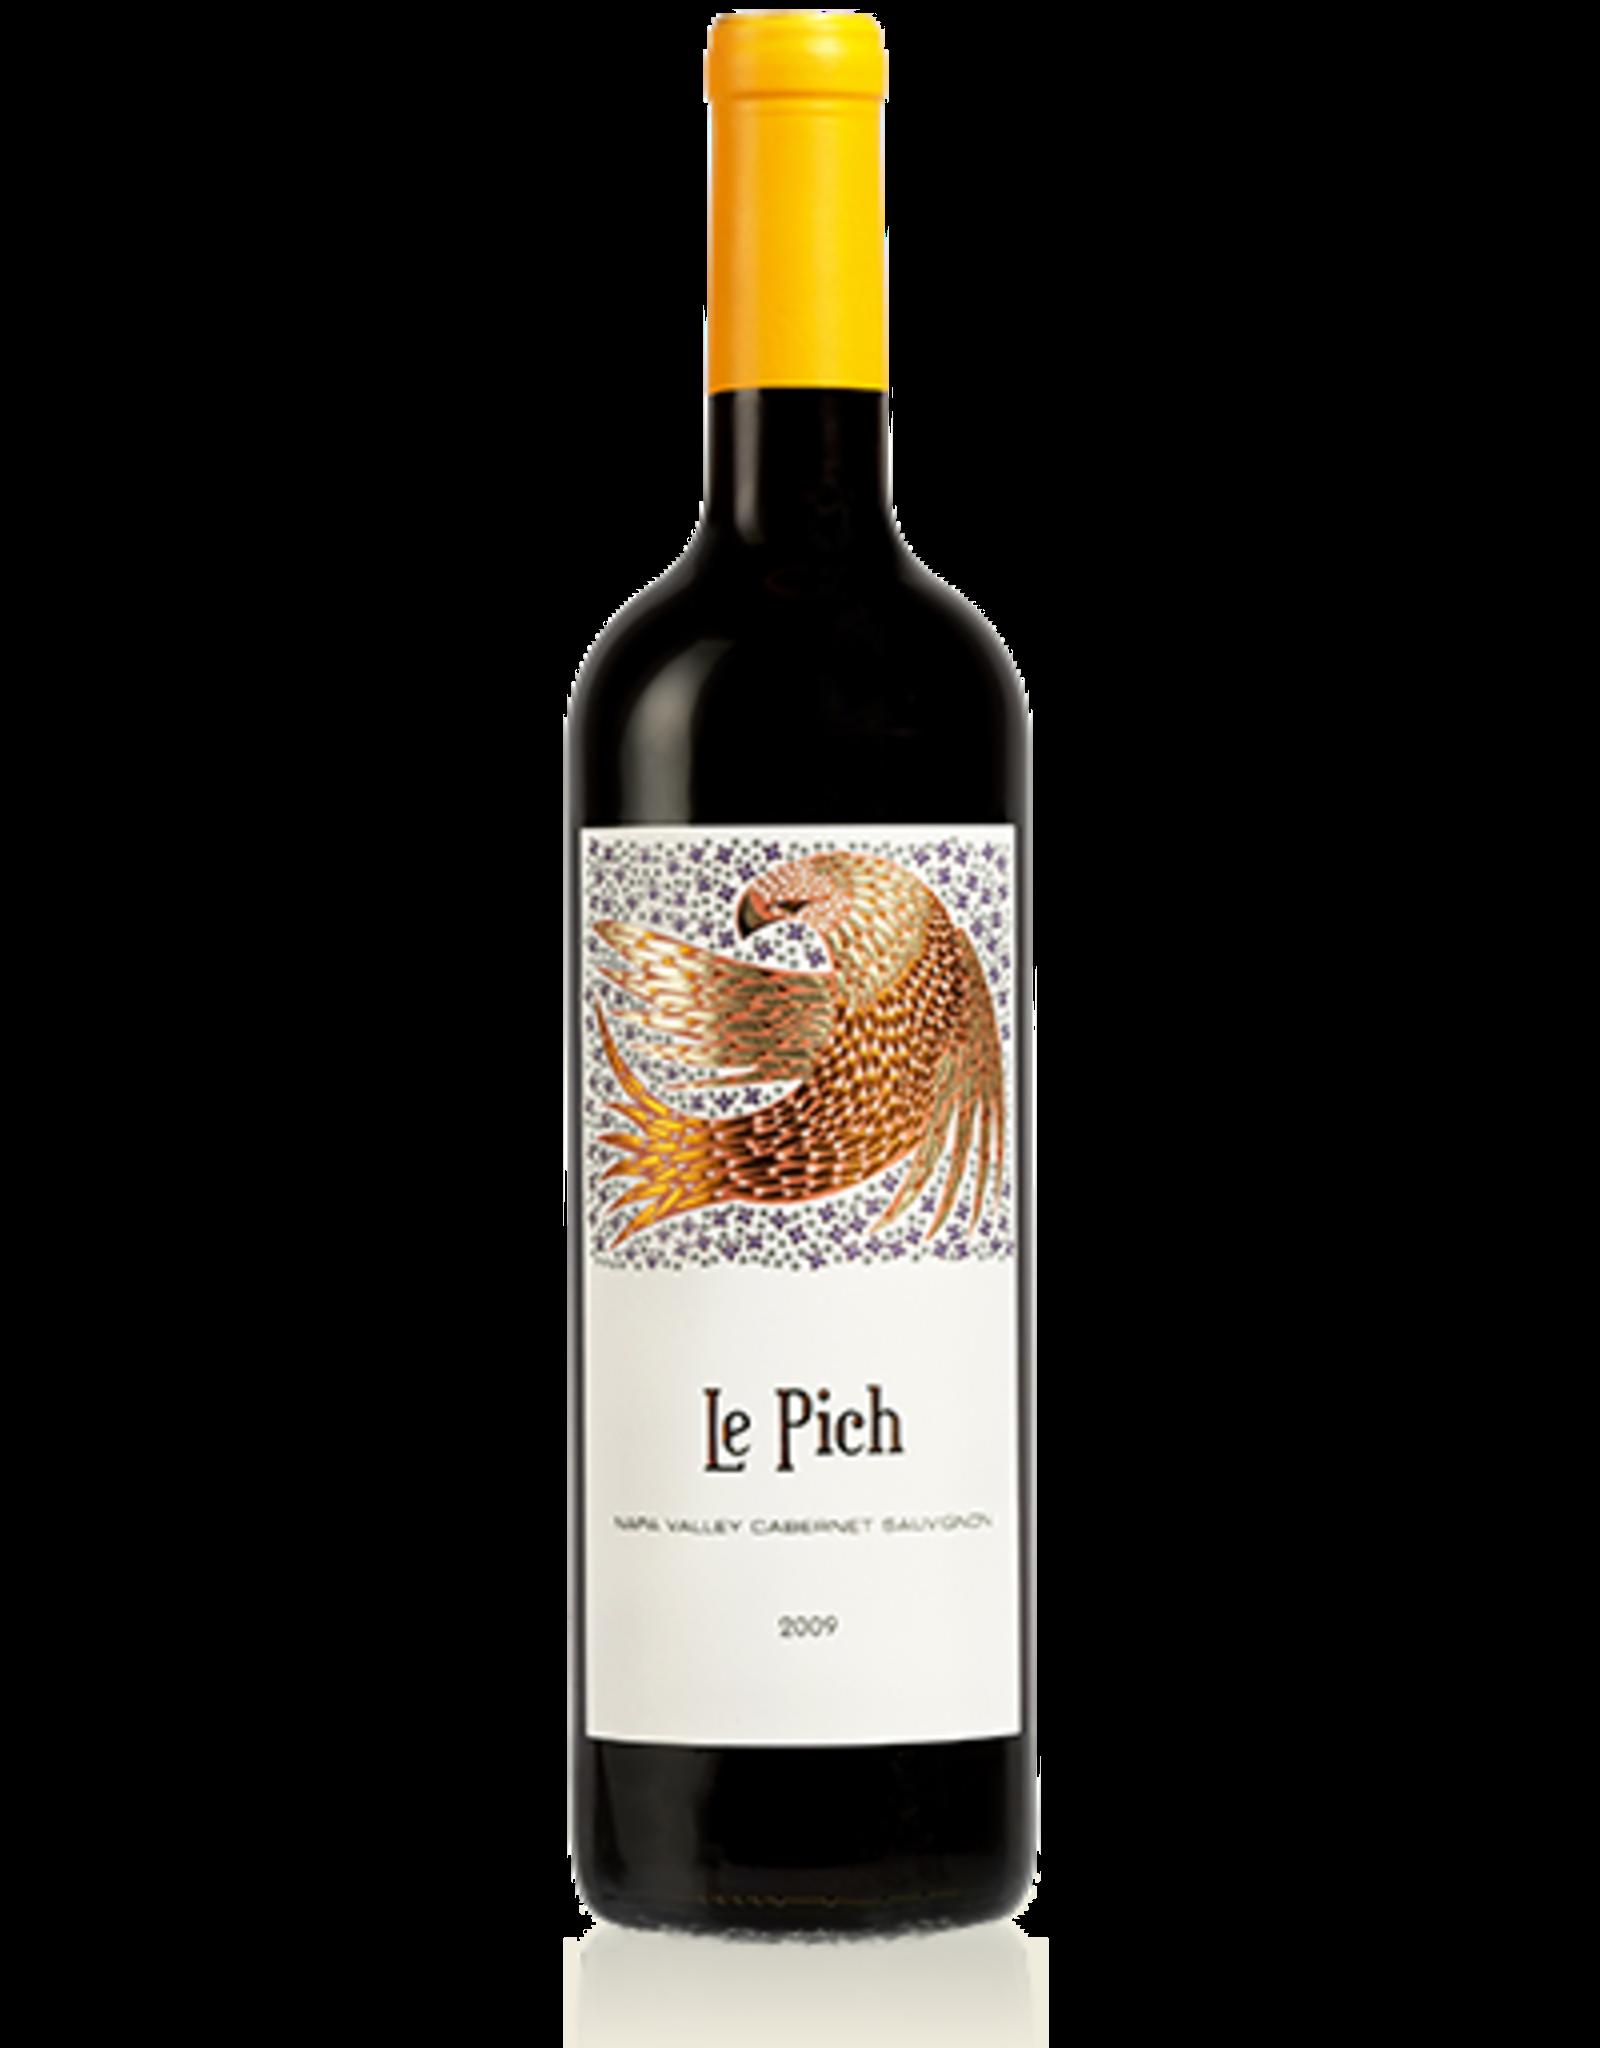 Red Wine 2013, Le Pich, Cabernet Sauvignon, Multi-regional Blend, Napa Valley, California,15% Alc, CTnr